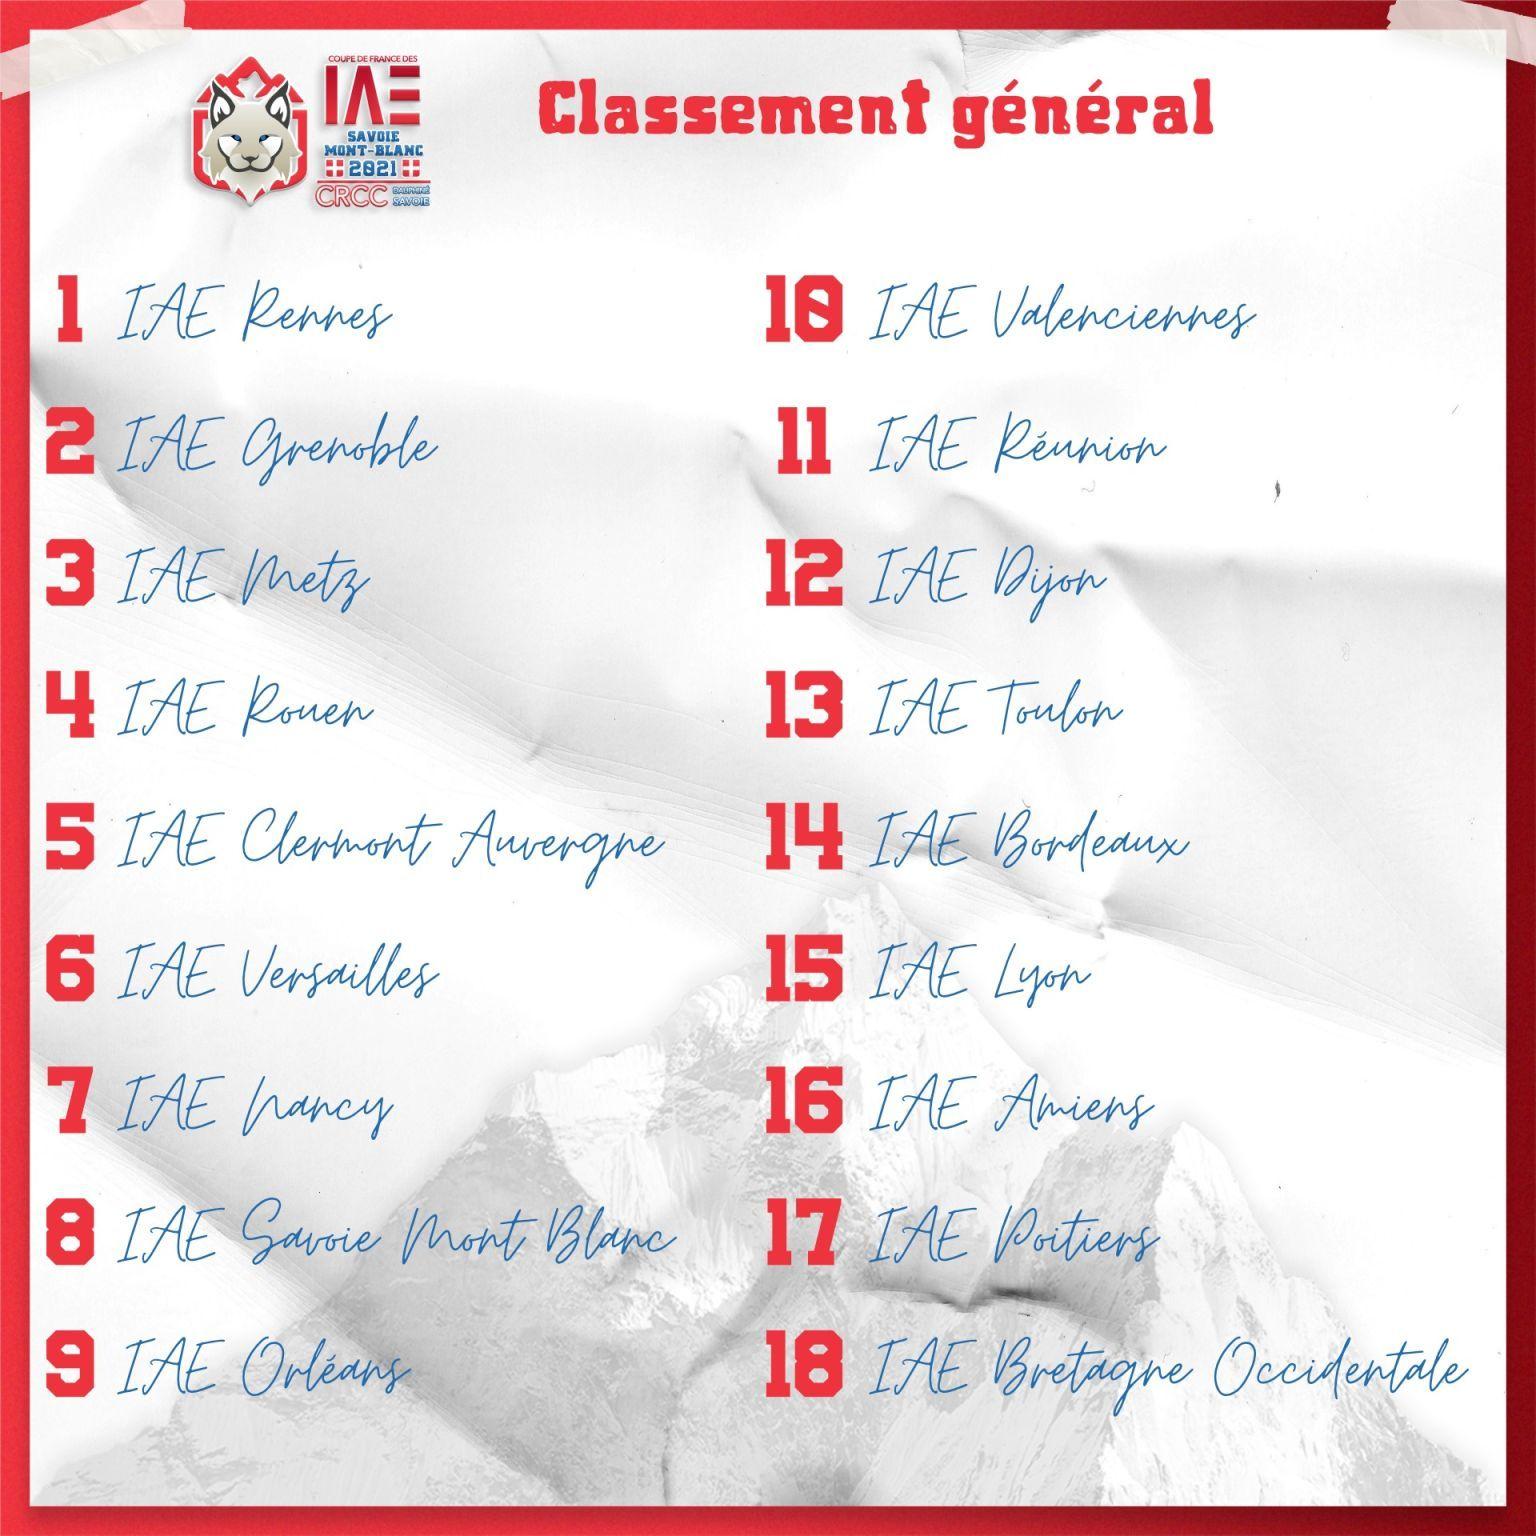 Classement Coupe de France des IAE